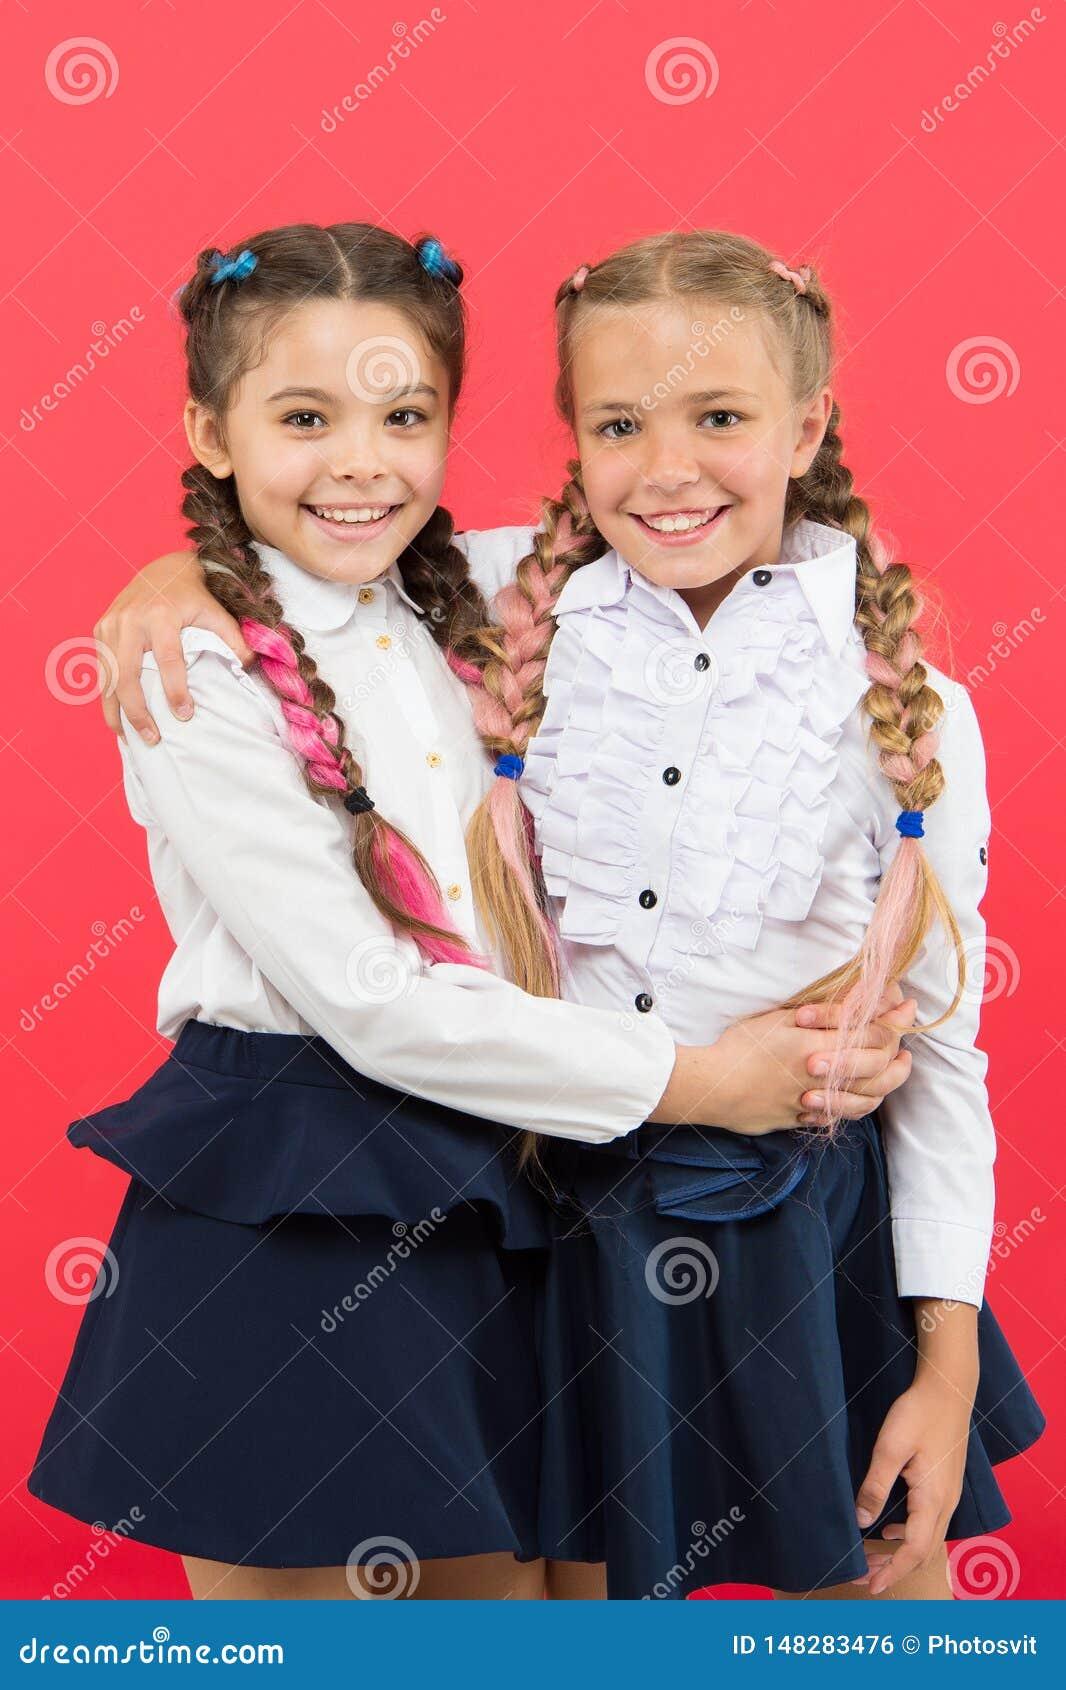 Εάν ήταν το σχολείο περισσότερη διασκέδαση Μαθήτριες με το χαριτωμένο hairstyle και τα ευτυχή χαμόγελα Άριστοι μαθητές καλύτερων